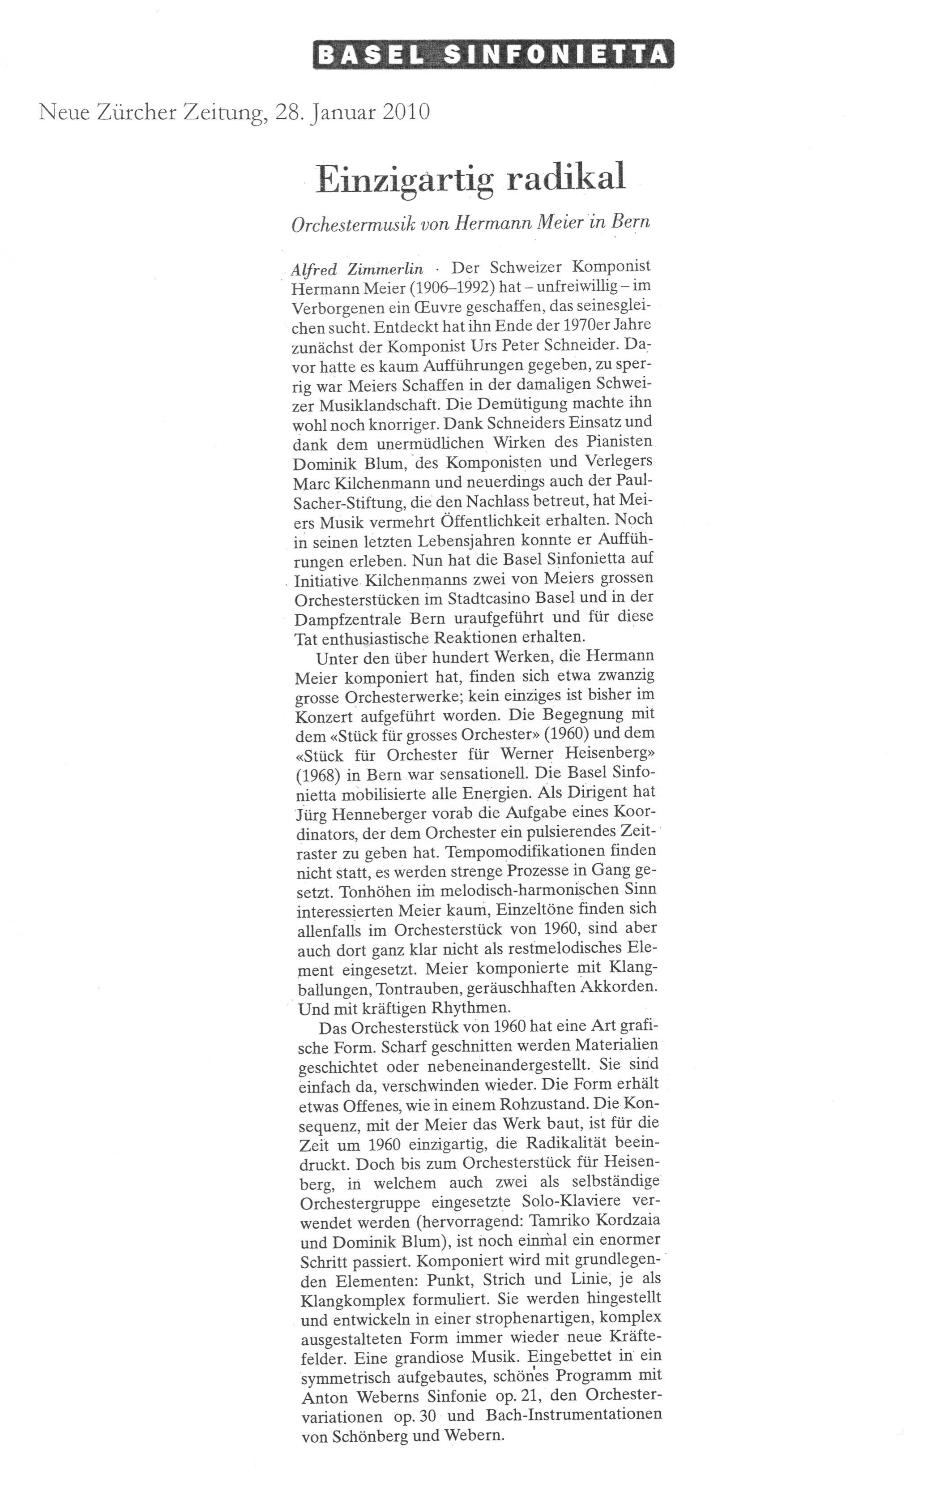 Hermann Meier - Einzigartig radikal, Neue Zürcher Zeitung